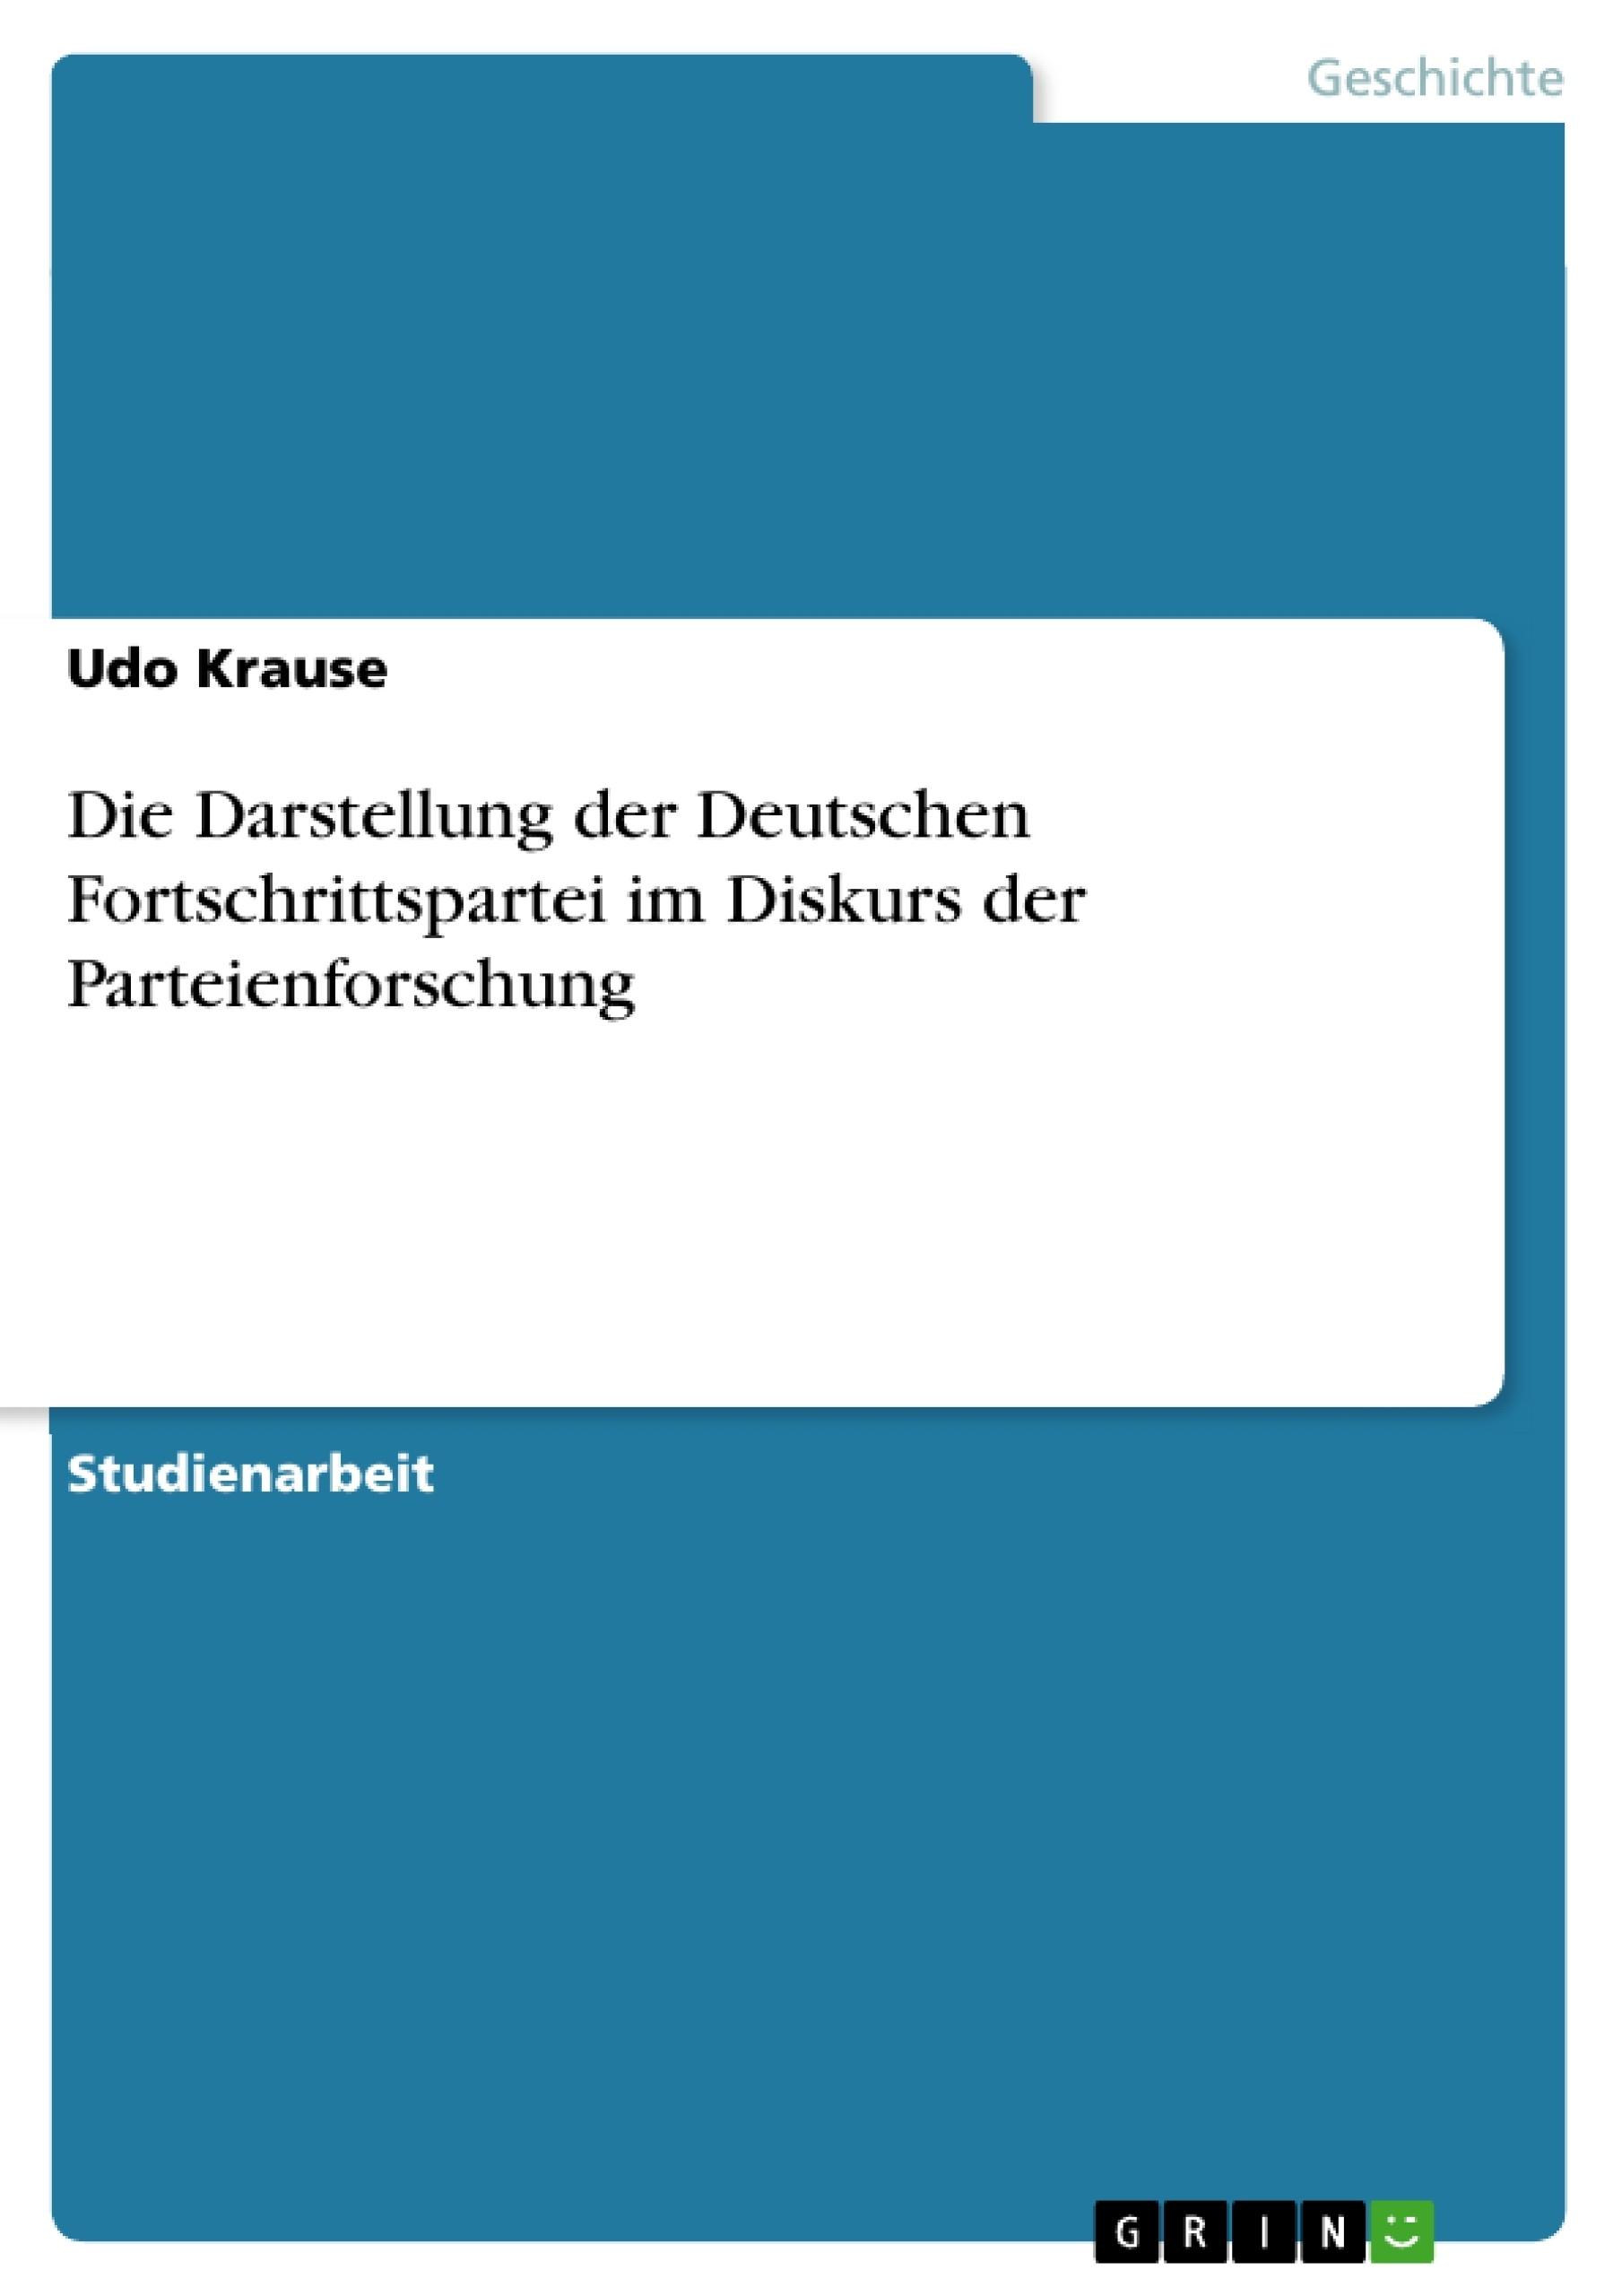 Titel: Die Darstellung der Deutschen Fortschrittspartei im Diskurs der Parteienforschung